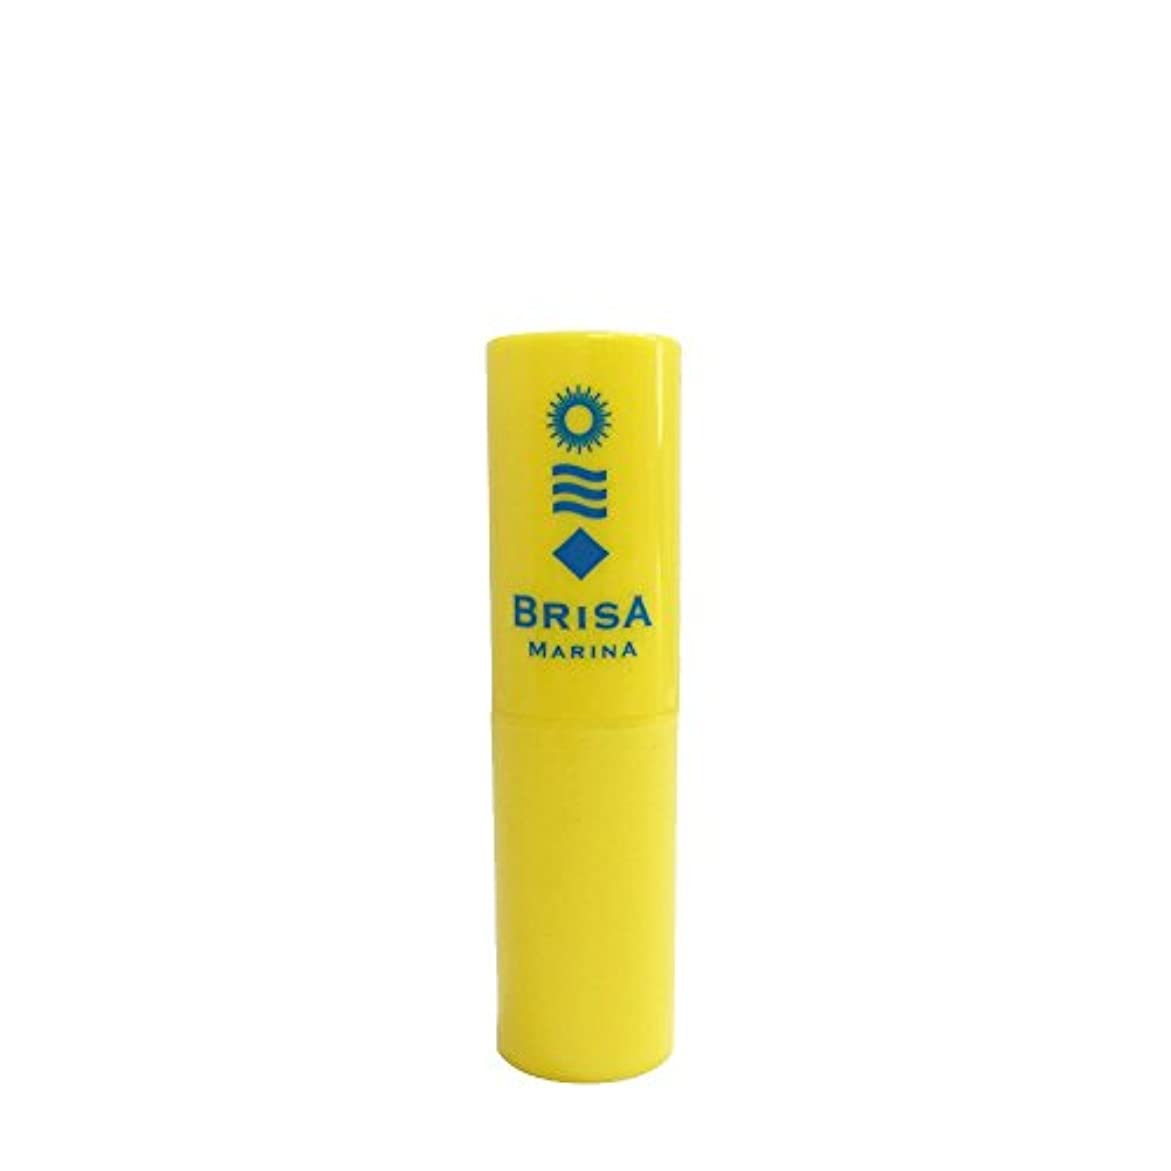 蒸発自治怠惰BRISA MARINA(ブリサ マリーナ) 日焼け止めUVリップ(クリア) 3g[SPF32 PA+++] Z-0CBM0016200 バリエーション不要